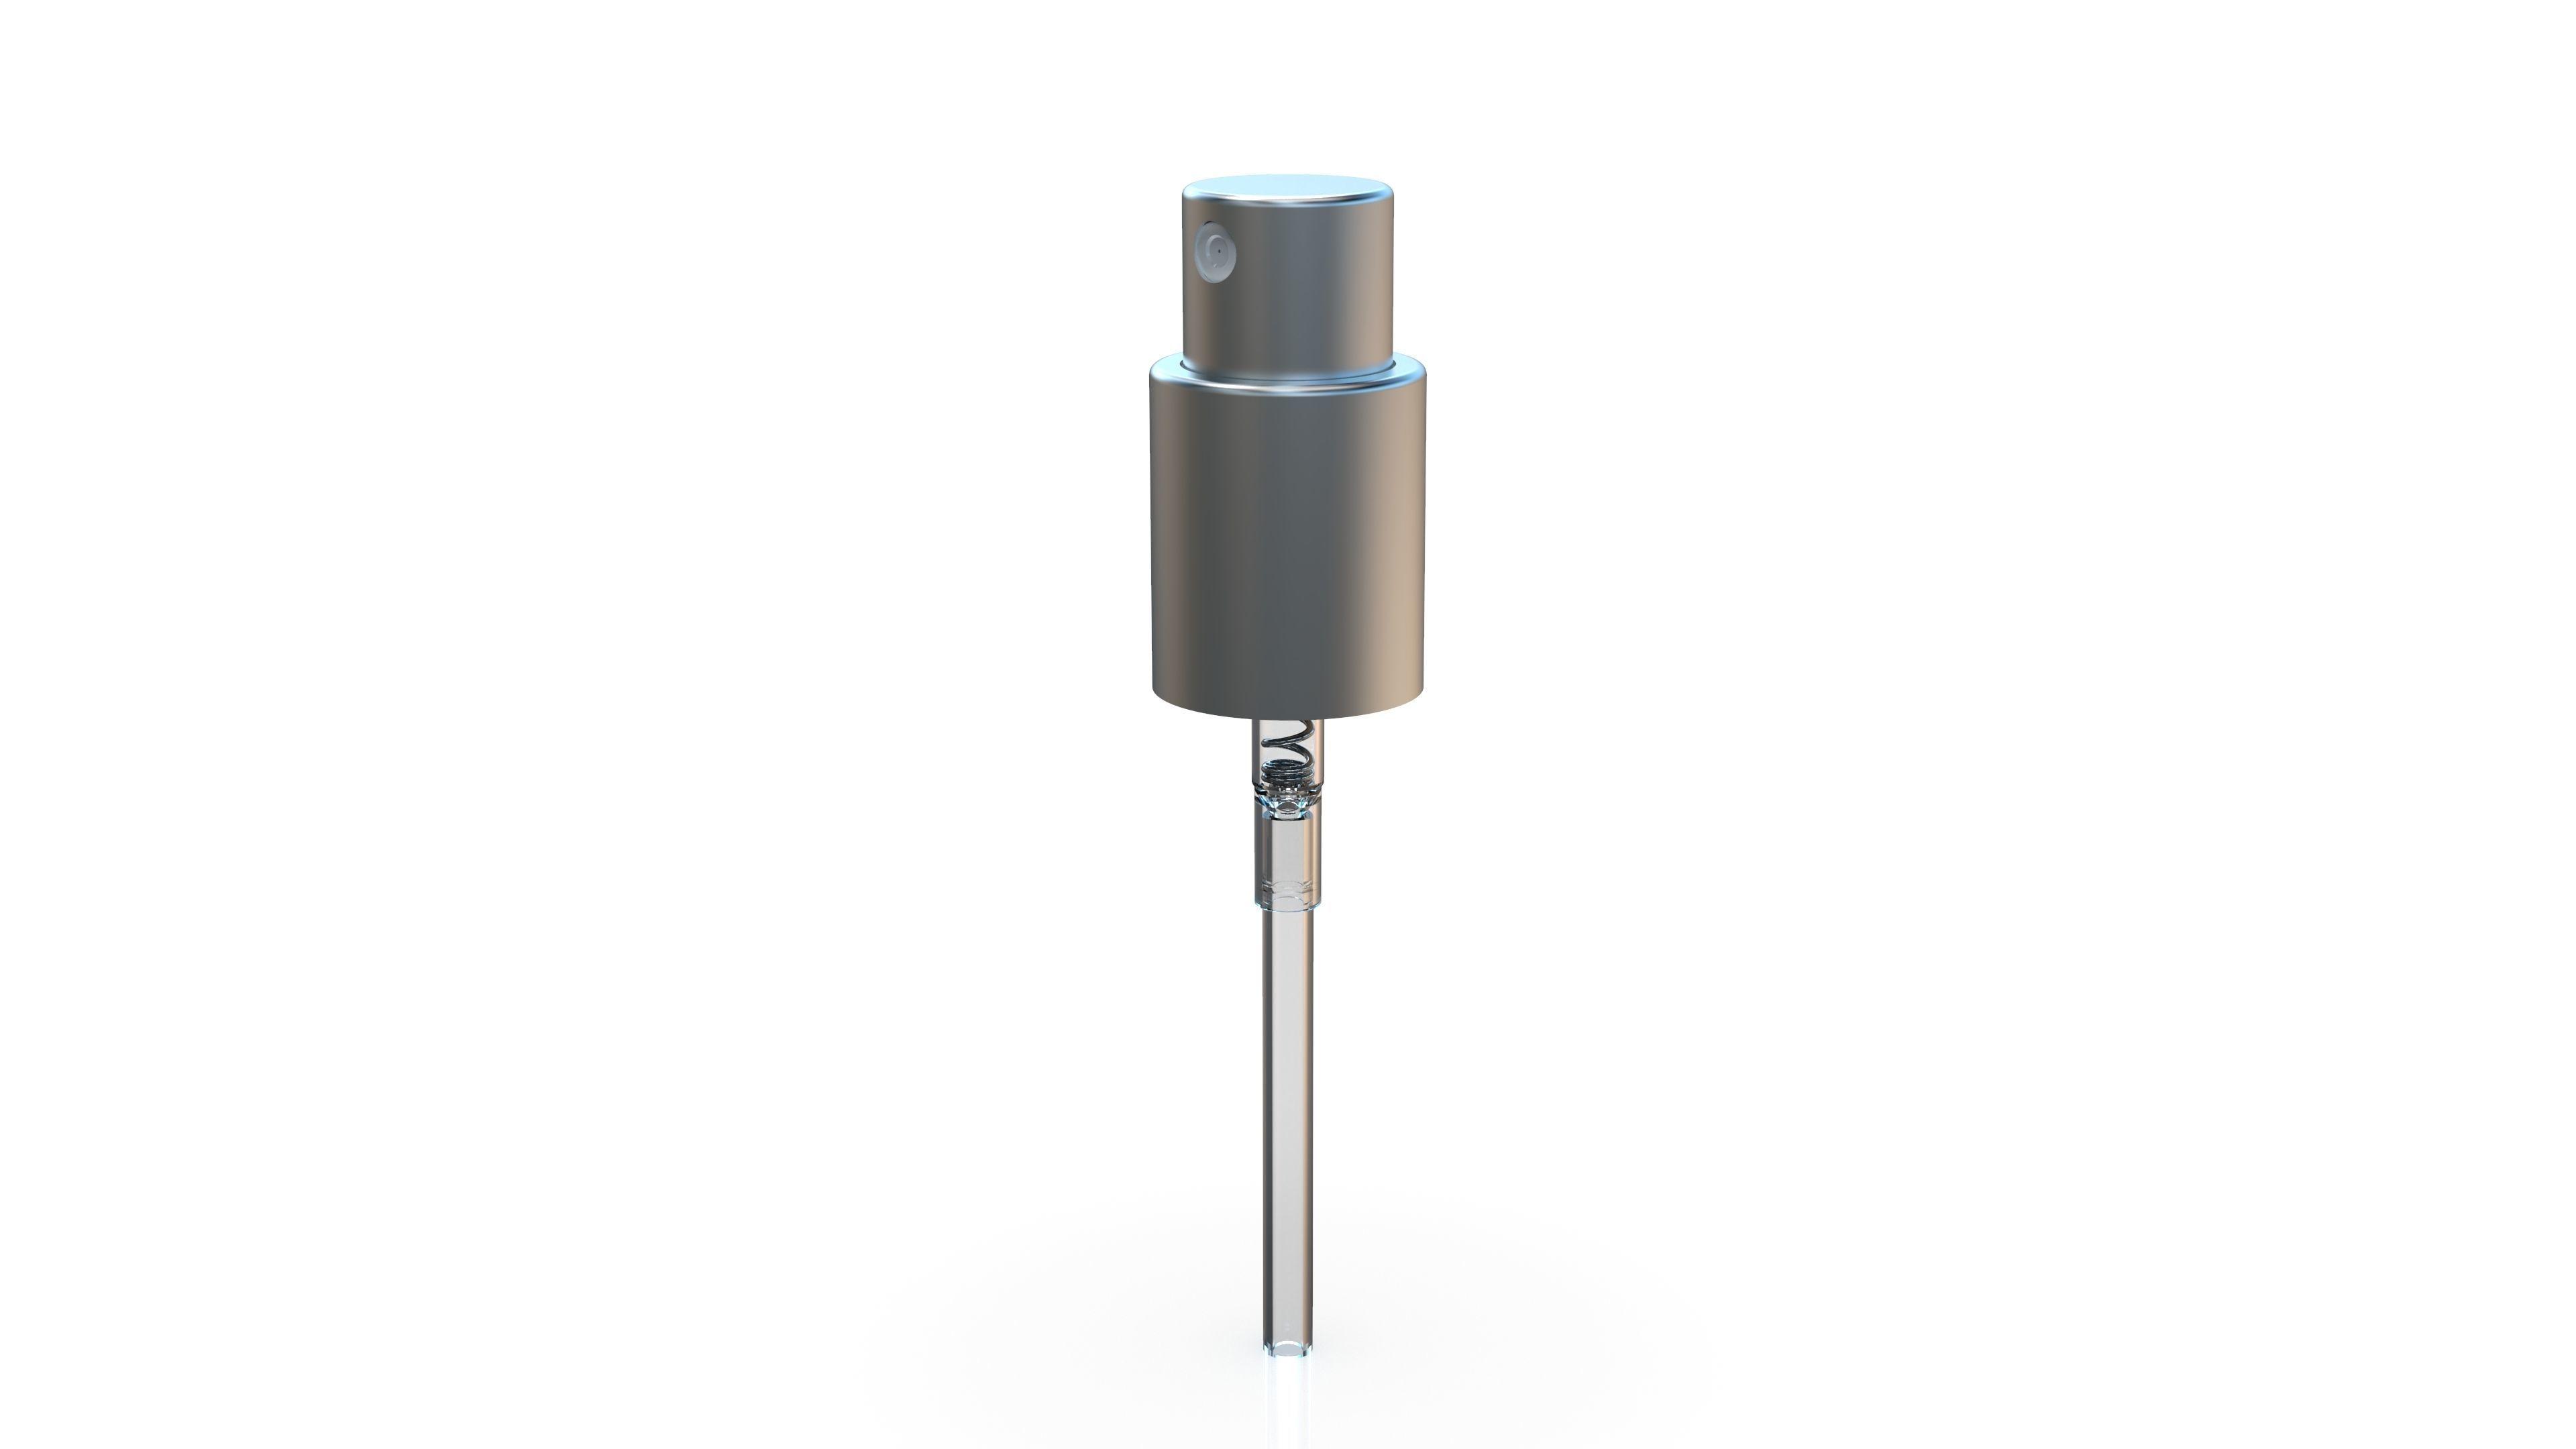 Spray pump - L pipe - 45 mm - Thread SP-415-18 - PS18415WSS-C2F